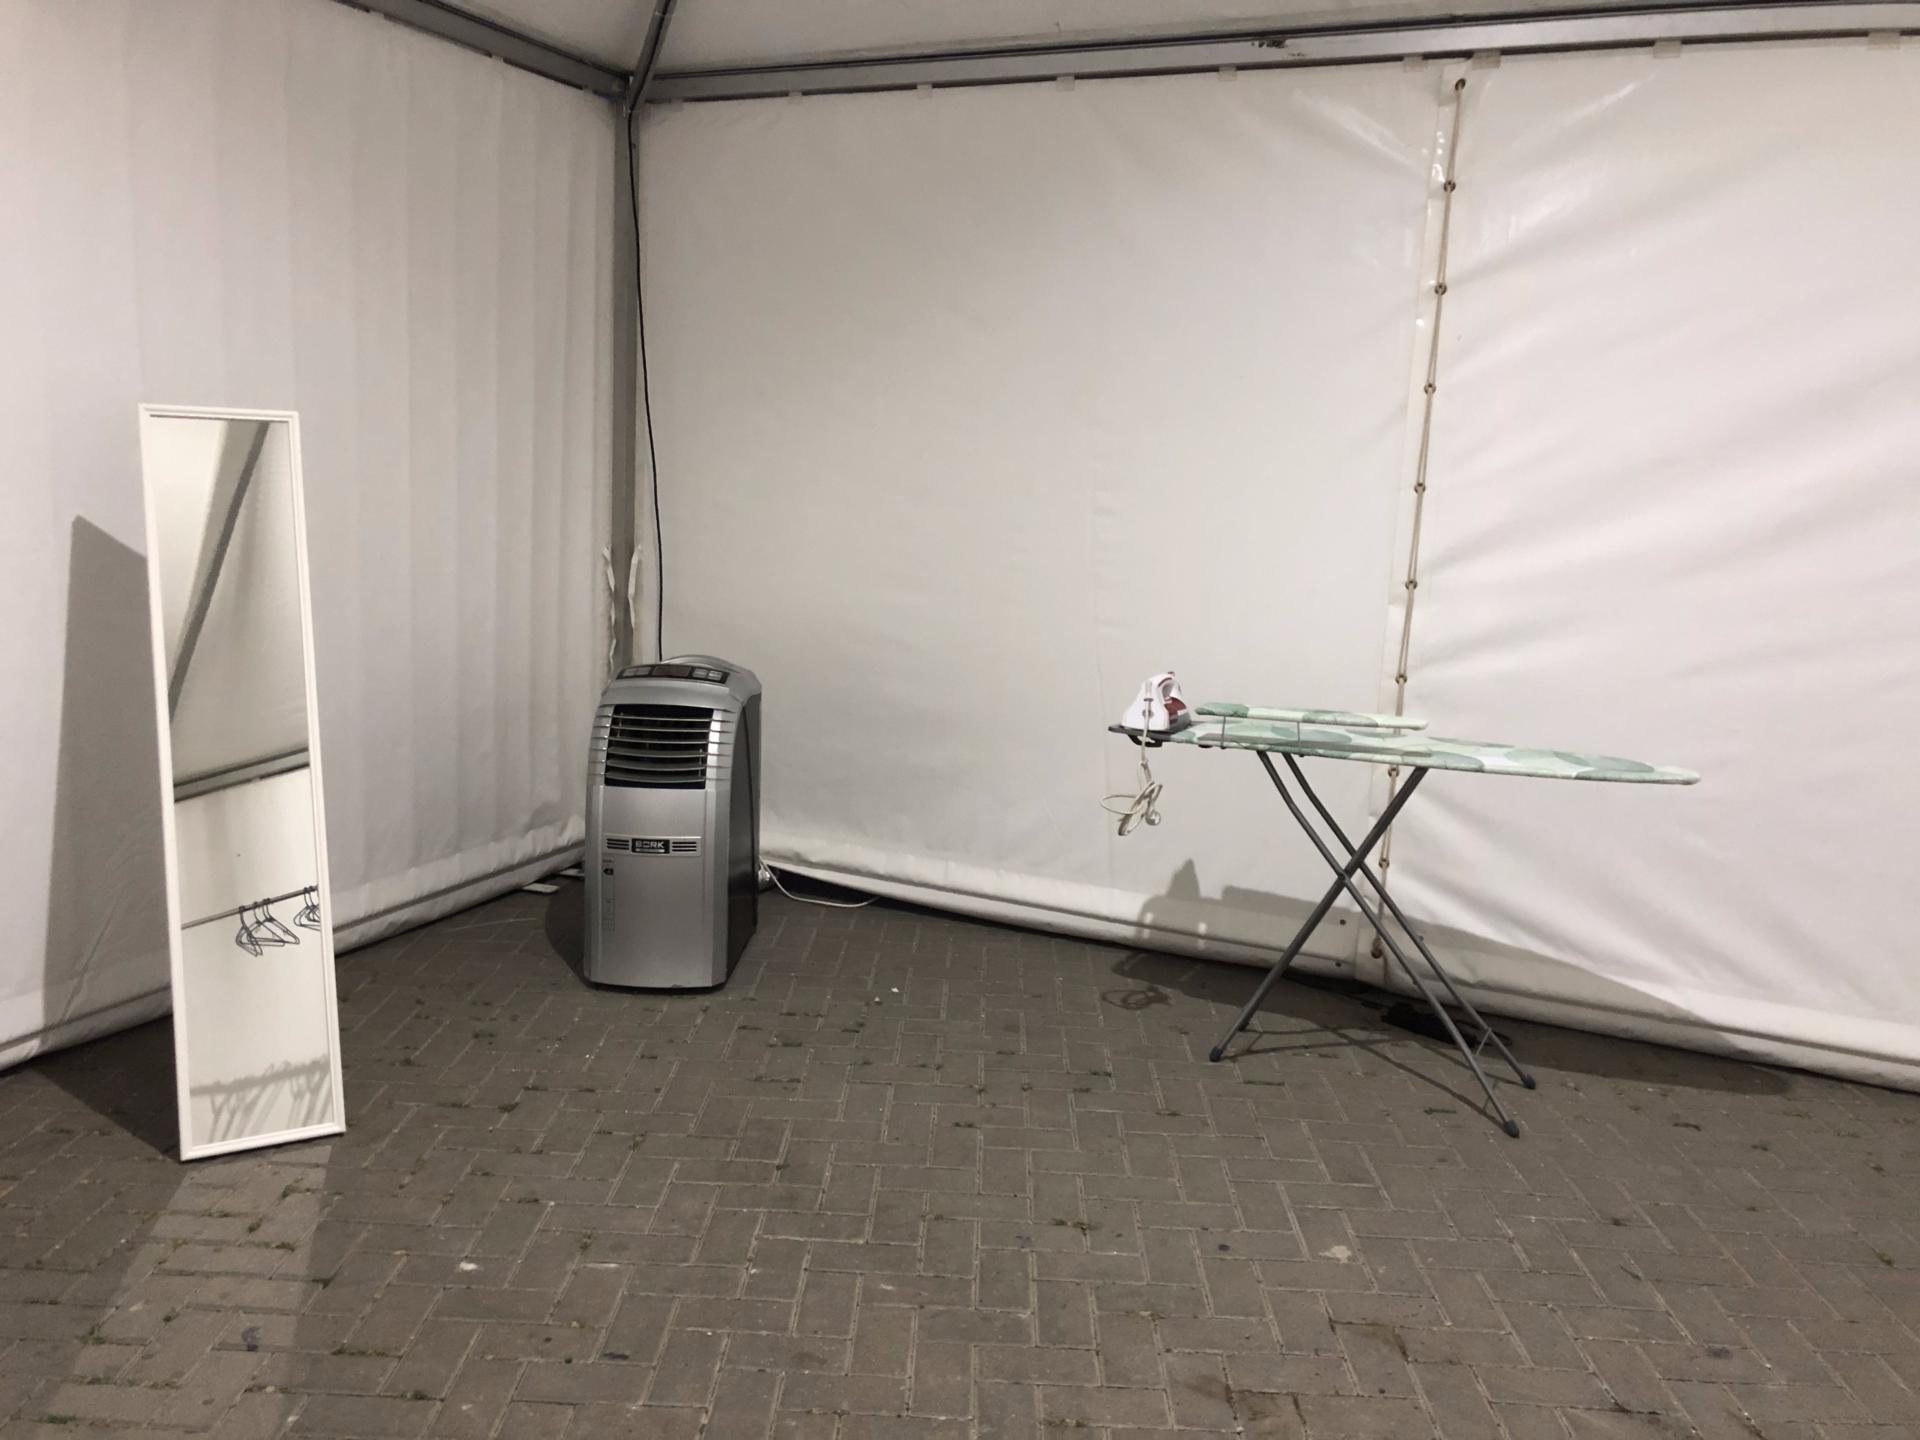 2020 08 25 05 15 57 - Аренда шатра и оборудования для гримерок